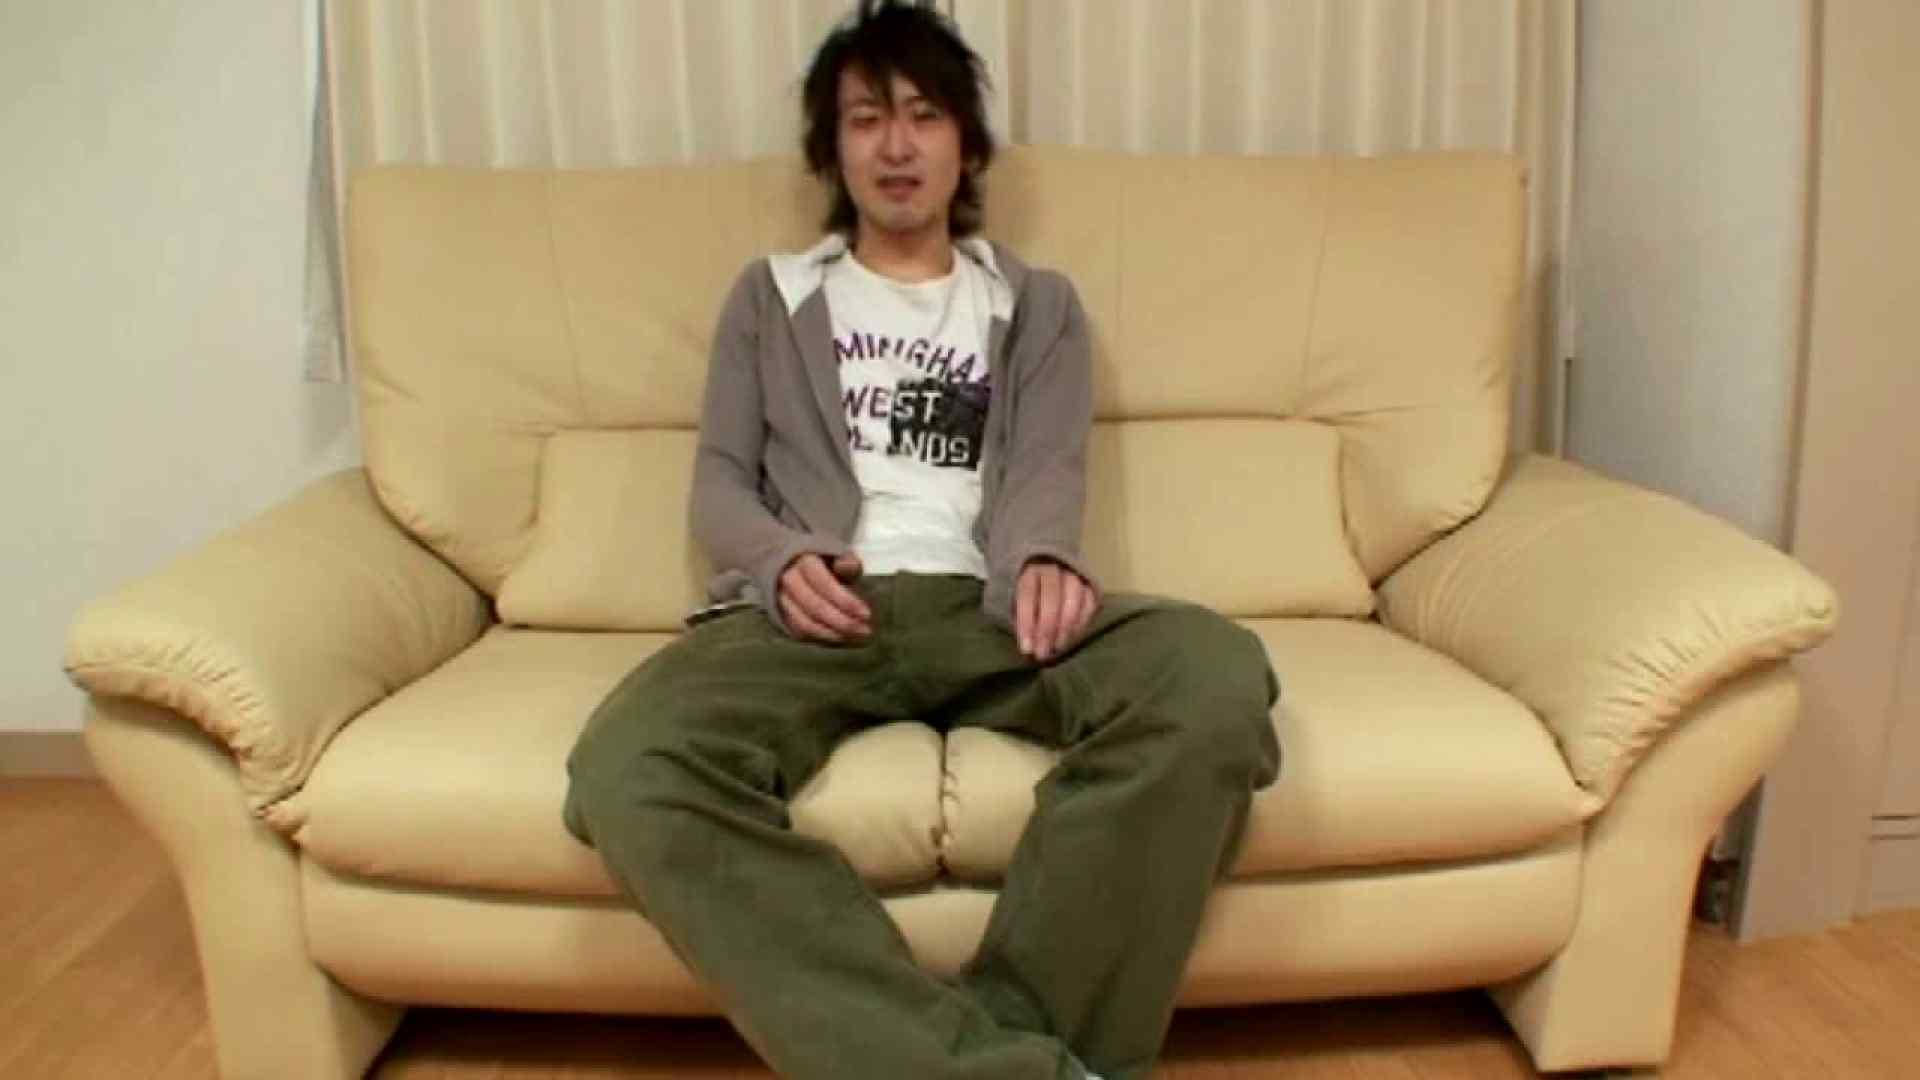 ノンケ!自慰スタジオ No.21 玩具 ゲイアダルトビデオ画像 107pic 36